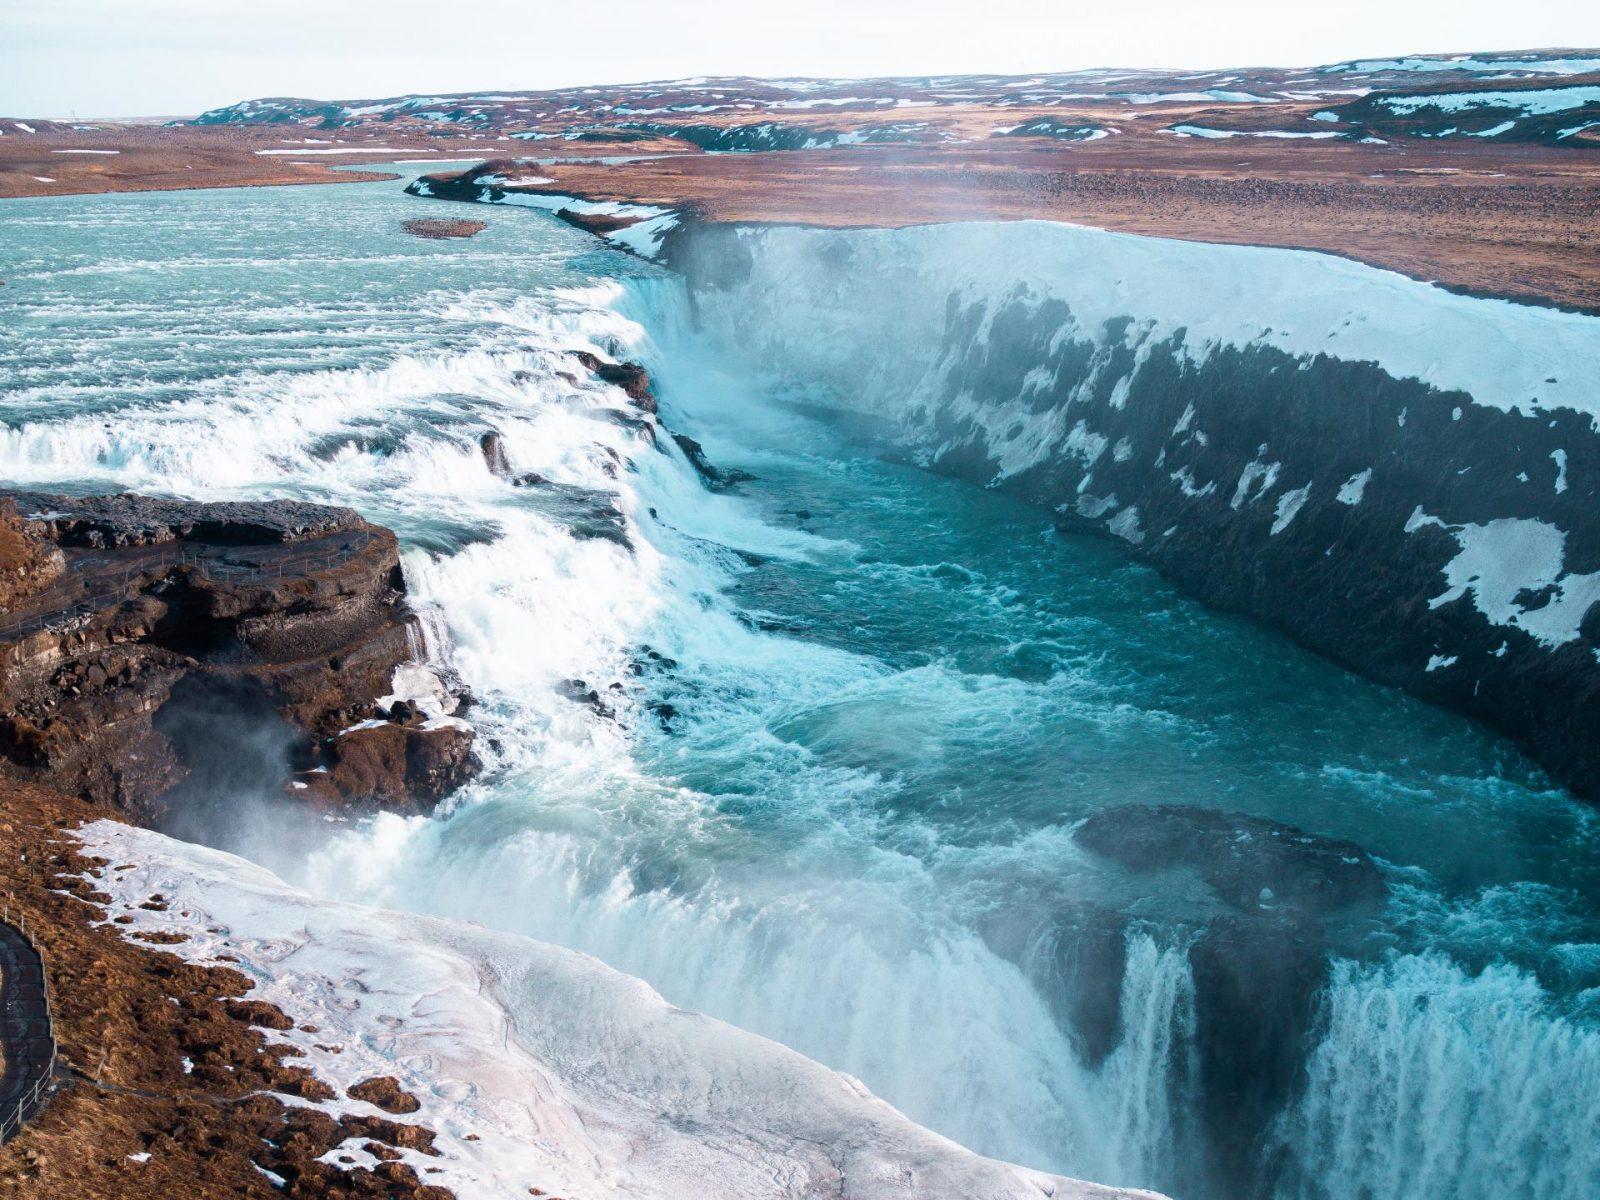 Gullfoss Waterfall, Golden Circle Tour - Reykjavik, Iceland